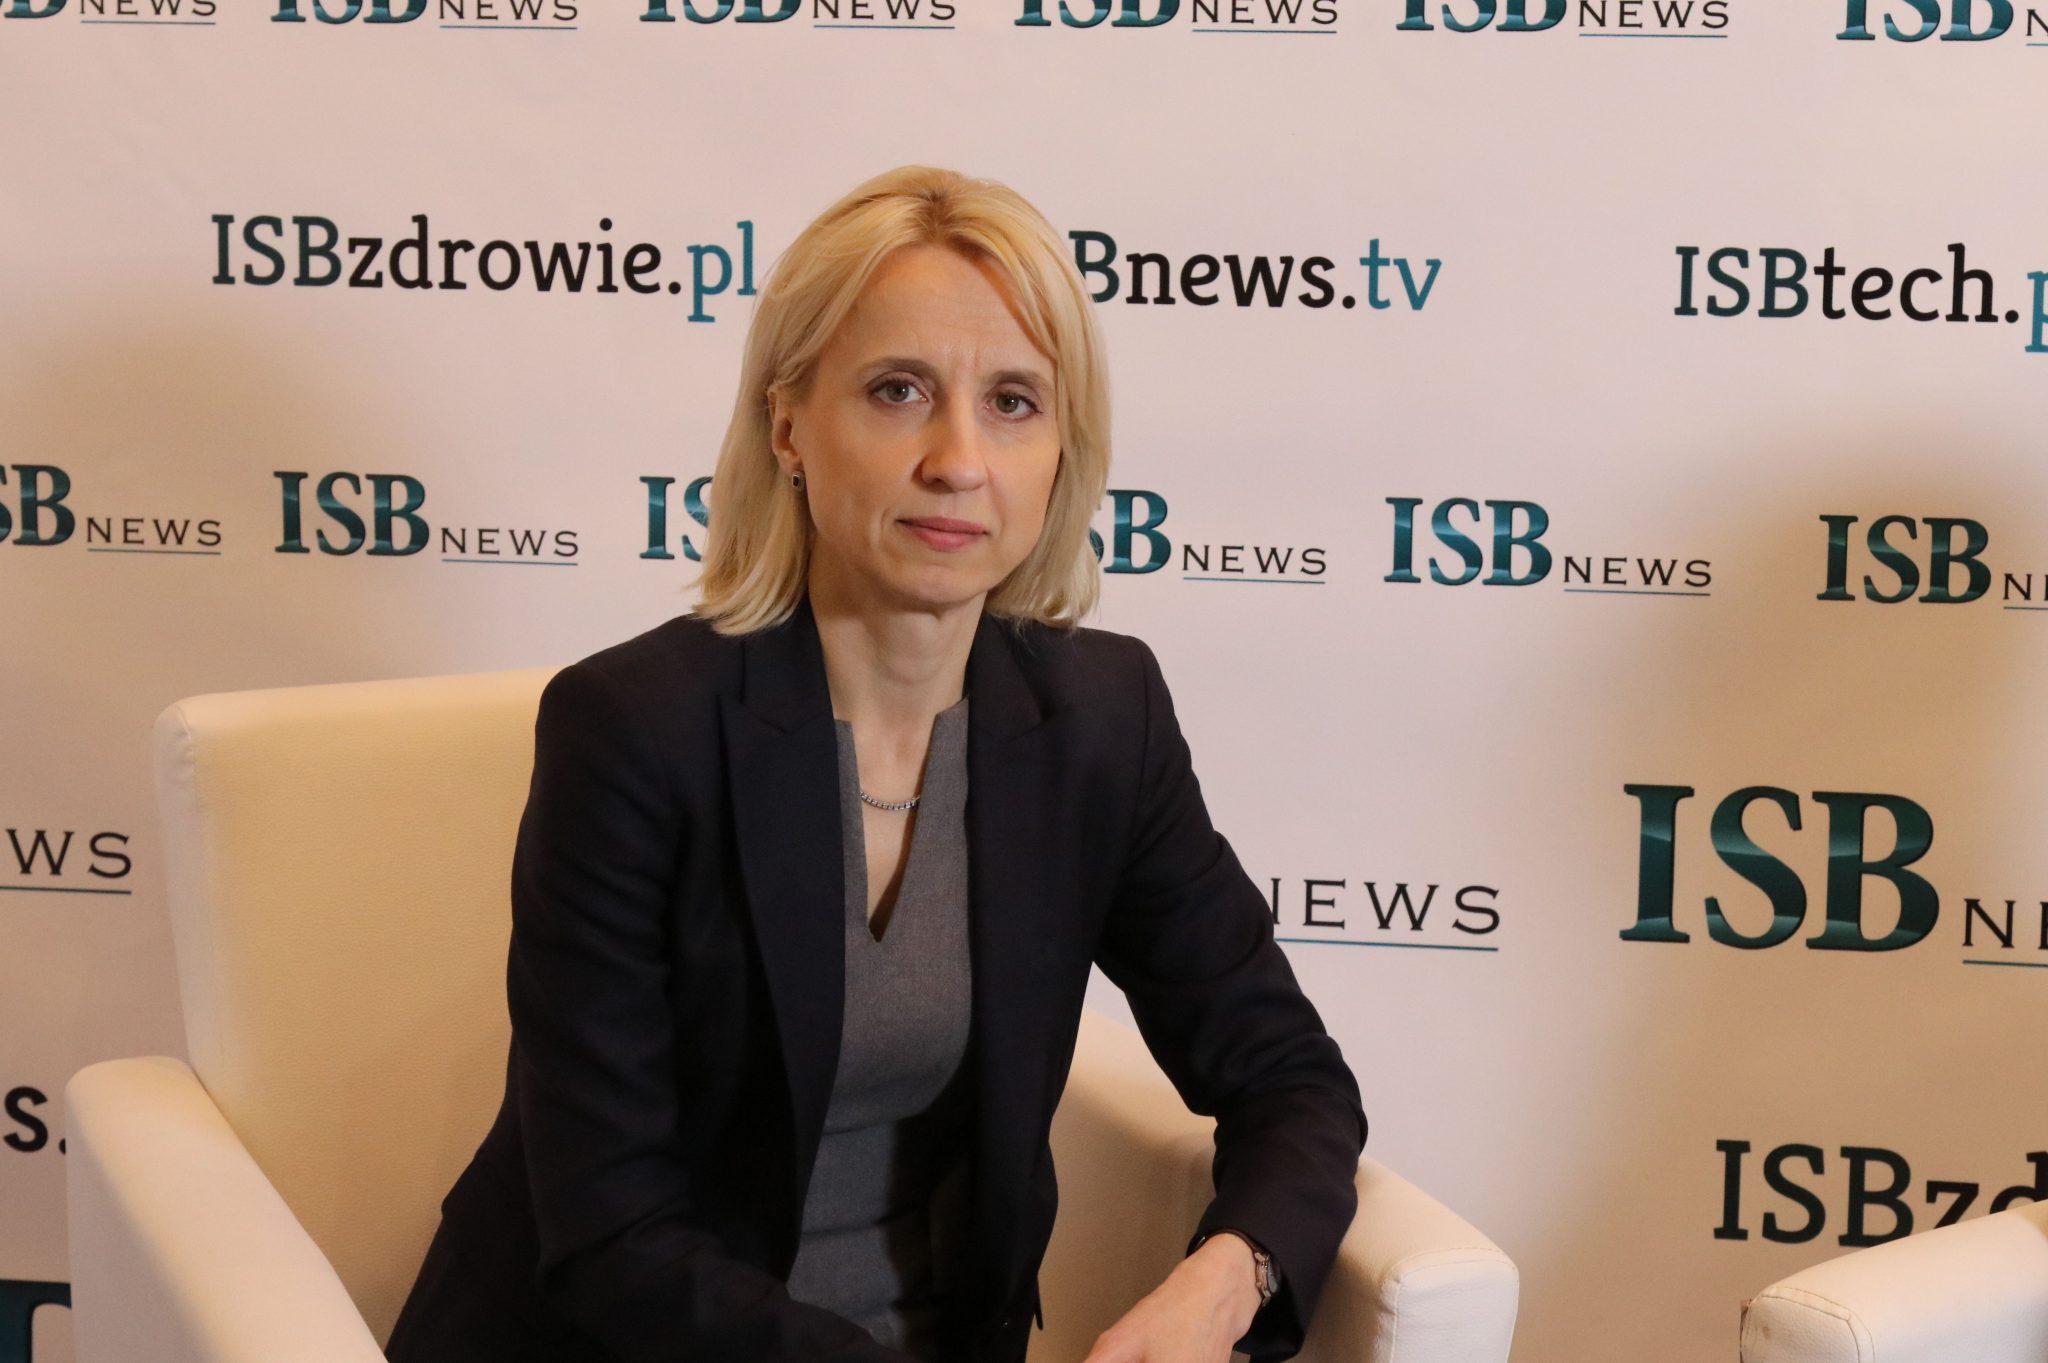 foto: Agencja ISBnews